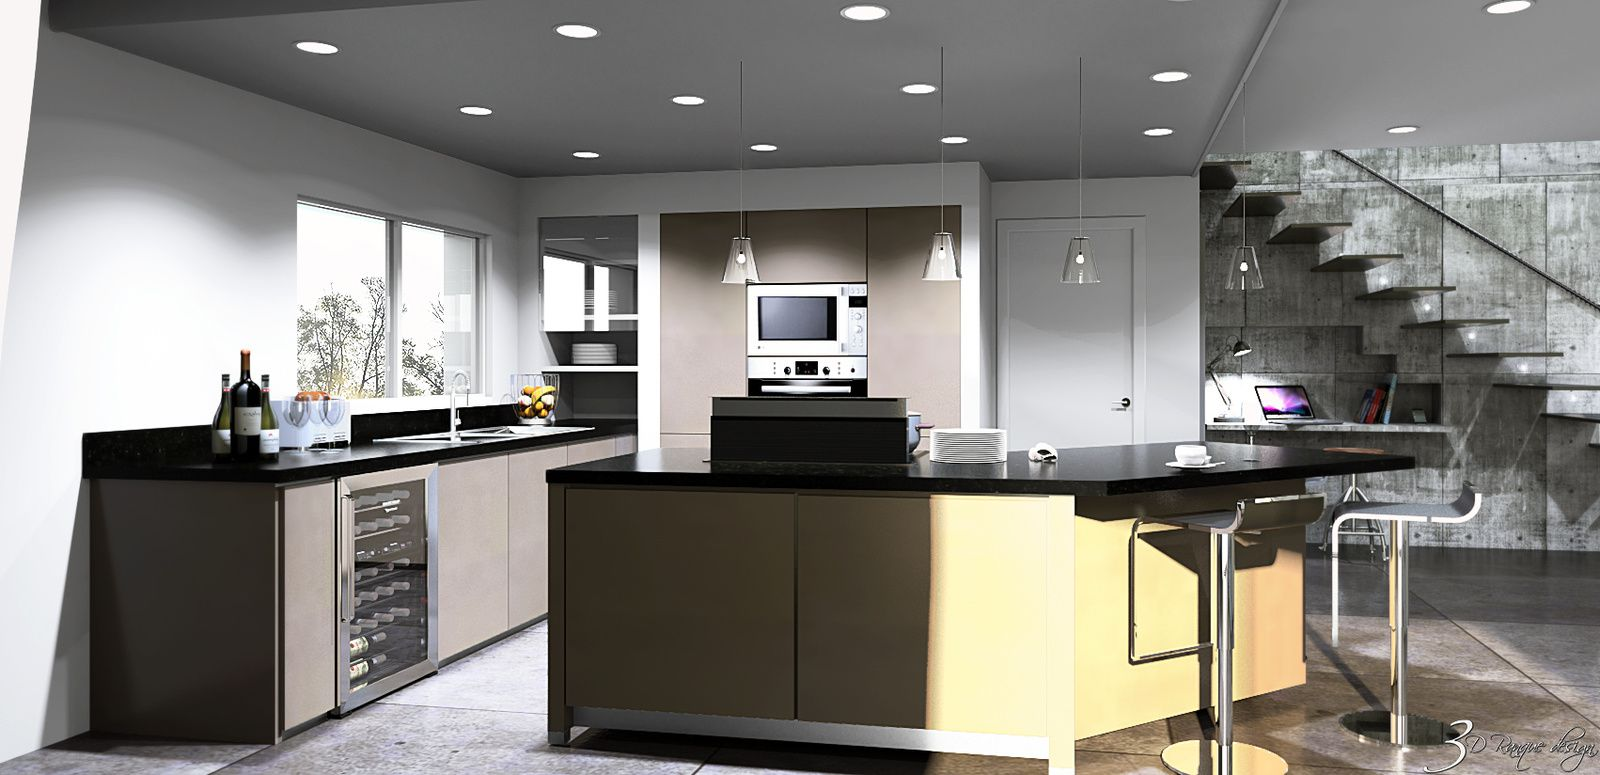 Cr ation d 39 un grand espace int grant s jour salle manger et cuisine d 39 une surface de 70 m2 for Creation cuisine